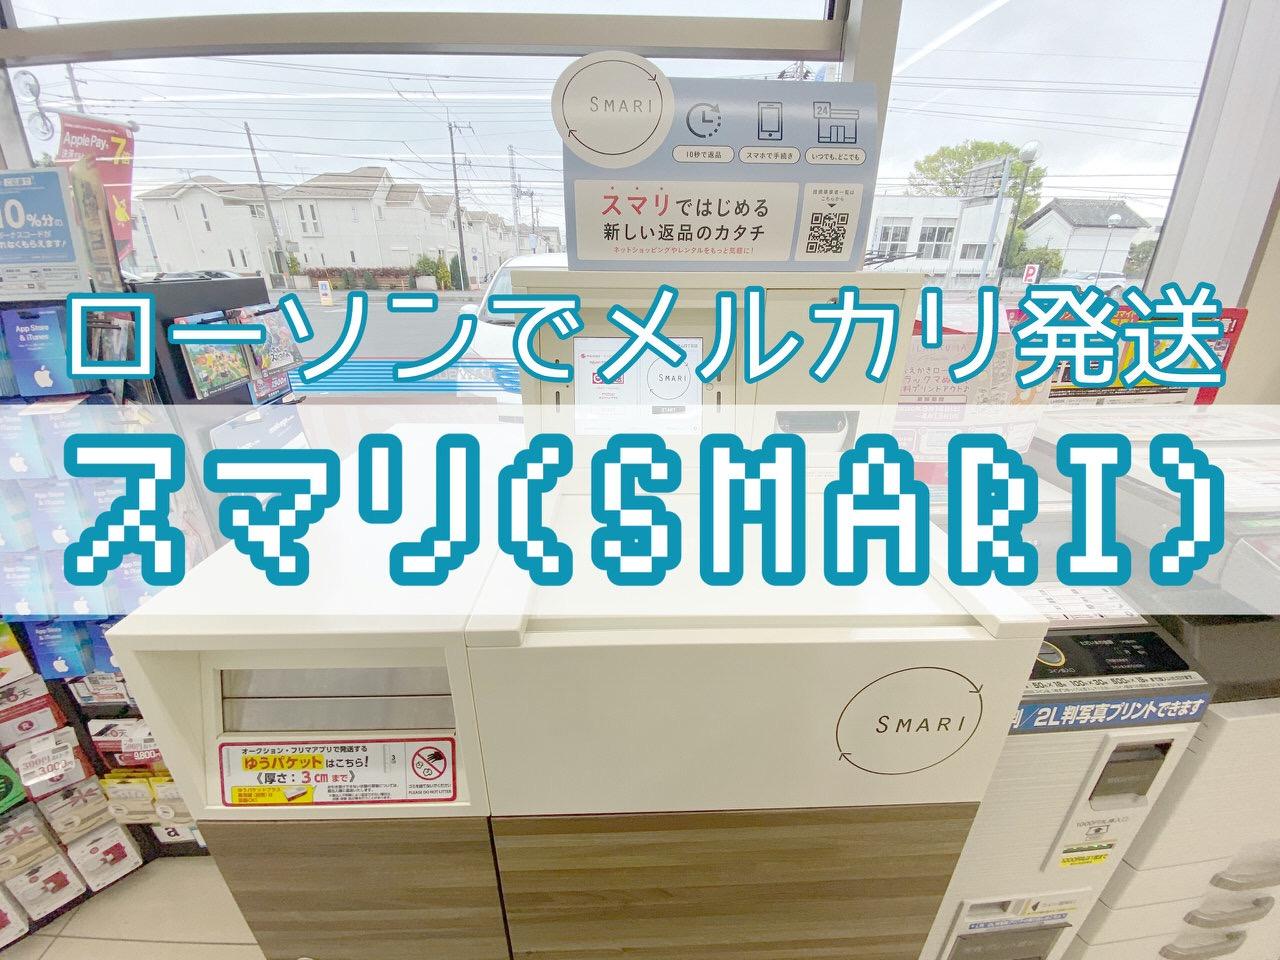 【メルカリ】ローソンの「スマリ(SMARI)」で発送する方法